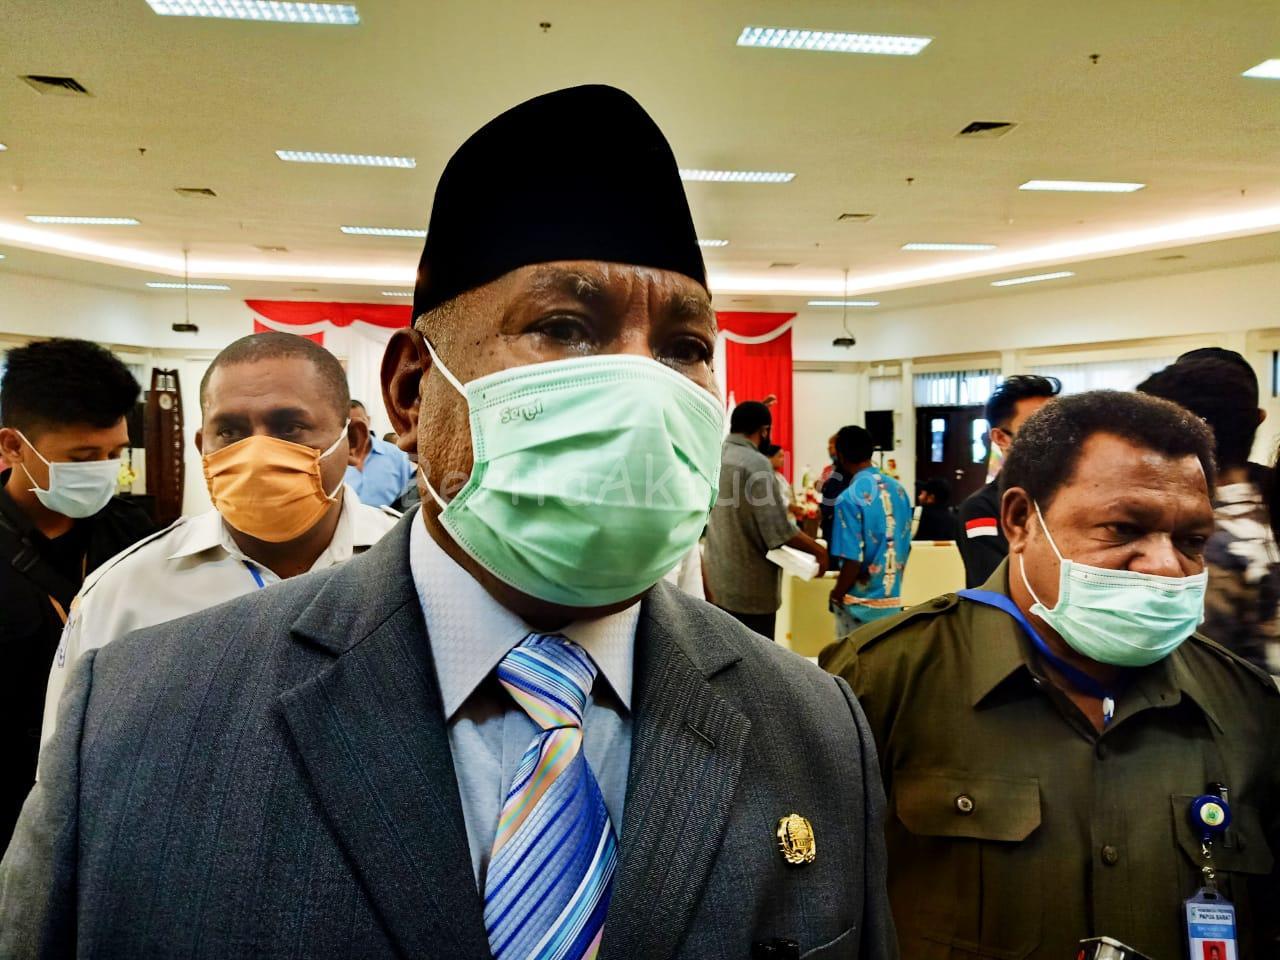 Mandacan: Papua Barat Siap Ikuti New Normal Jika Ada Instruksi Dari Pusat 24 IMG 20200528 WA0073